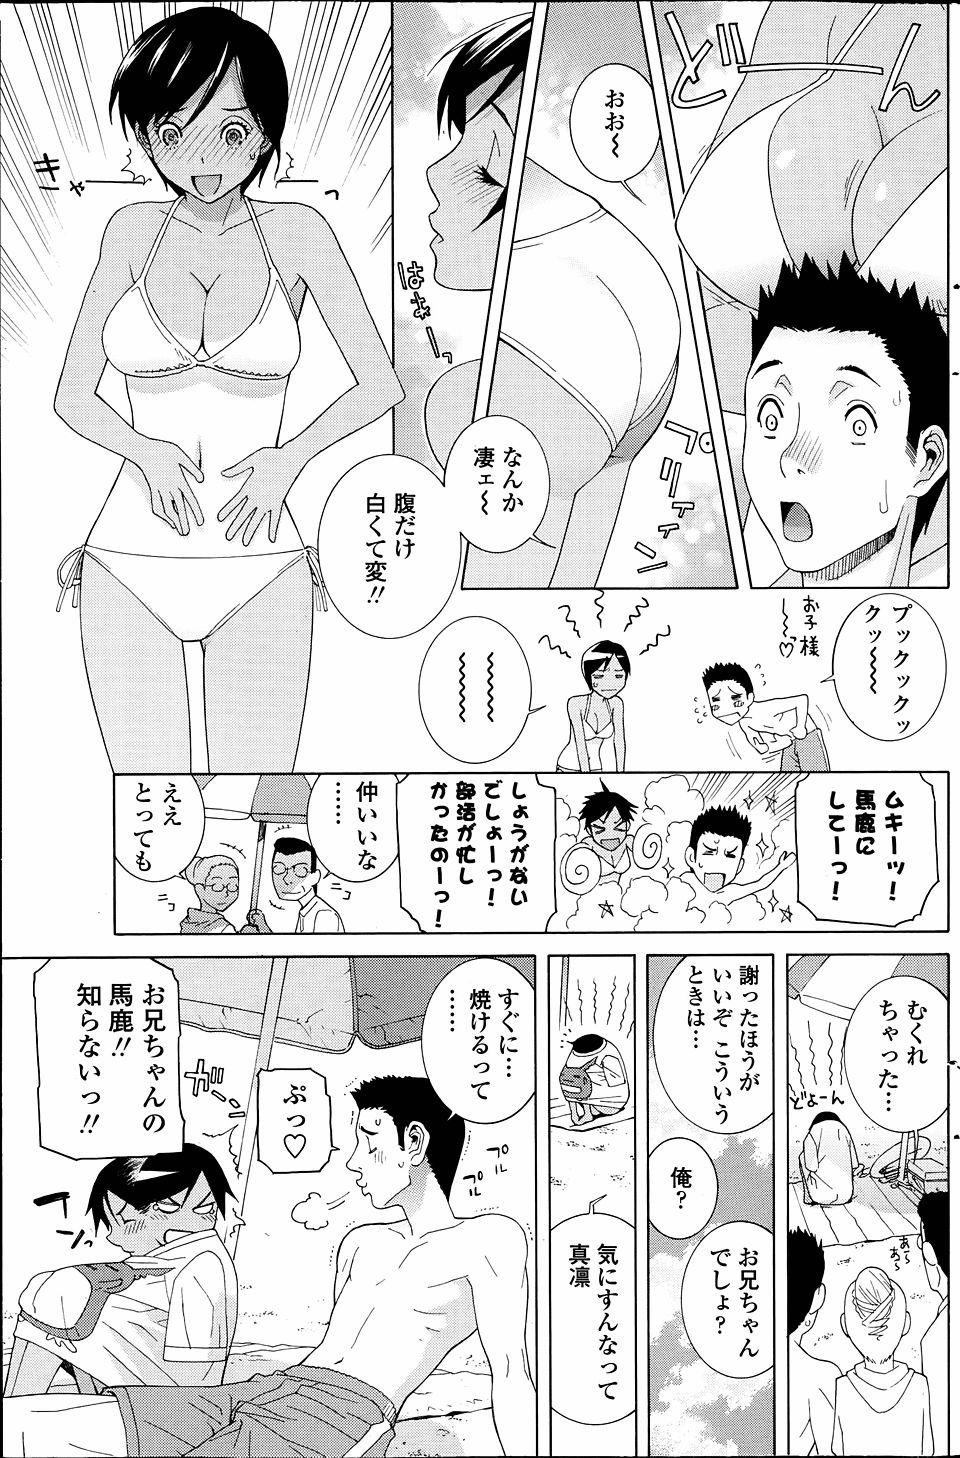 【エロ漫画・エロ同人】家族で海に行ったら巨乳の義姉とエッチな展開にwww (3)